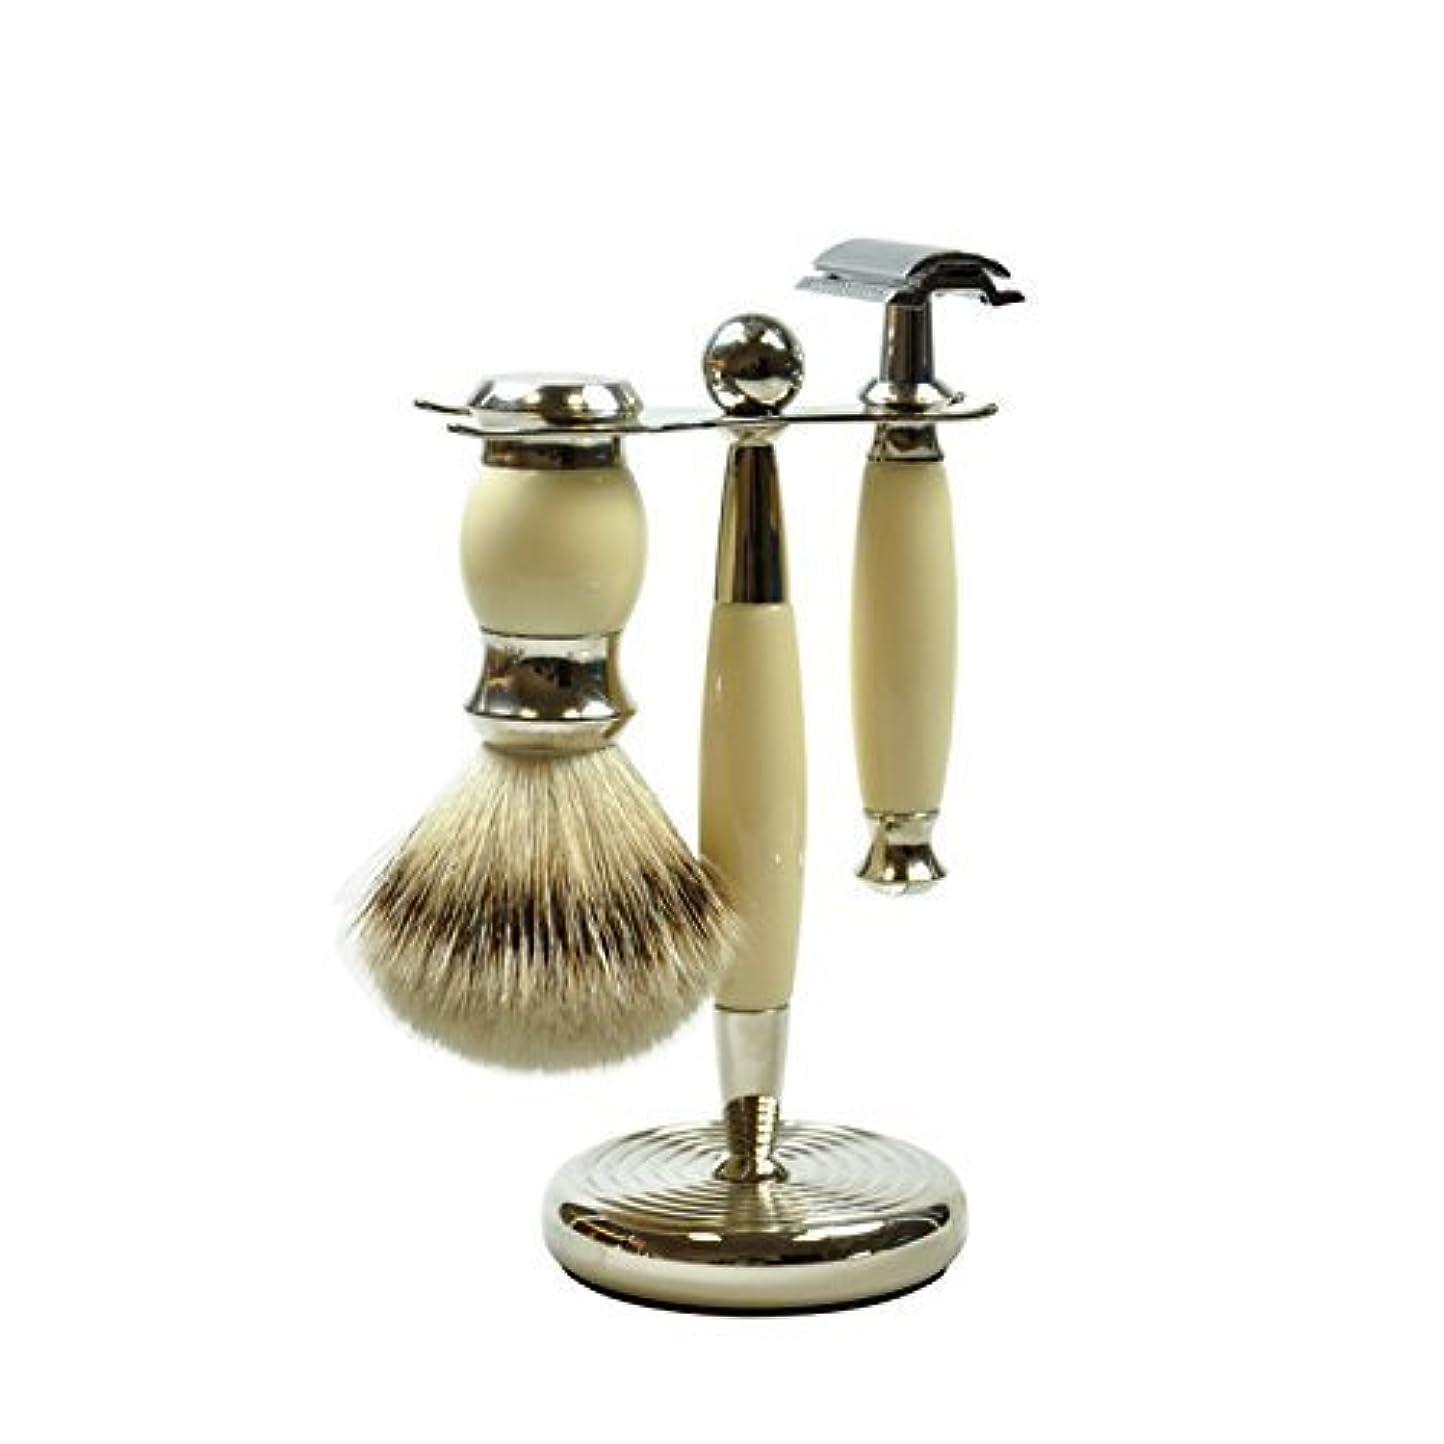 明らかにするエラー建設GOLDDACHS Shaving Set, Safety razor, silvertip badger hair, white/silver